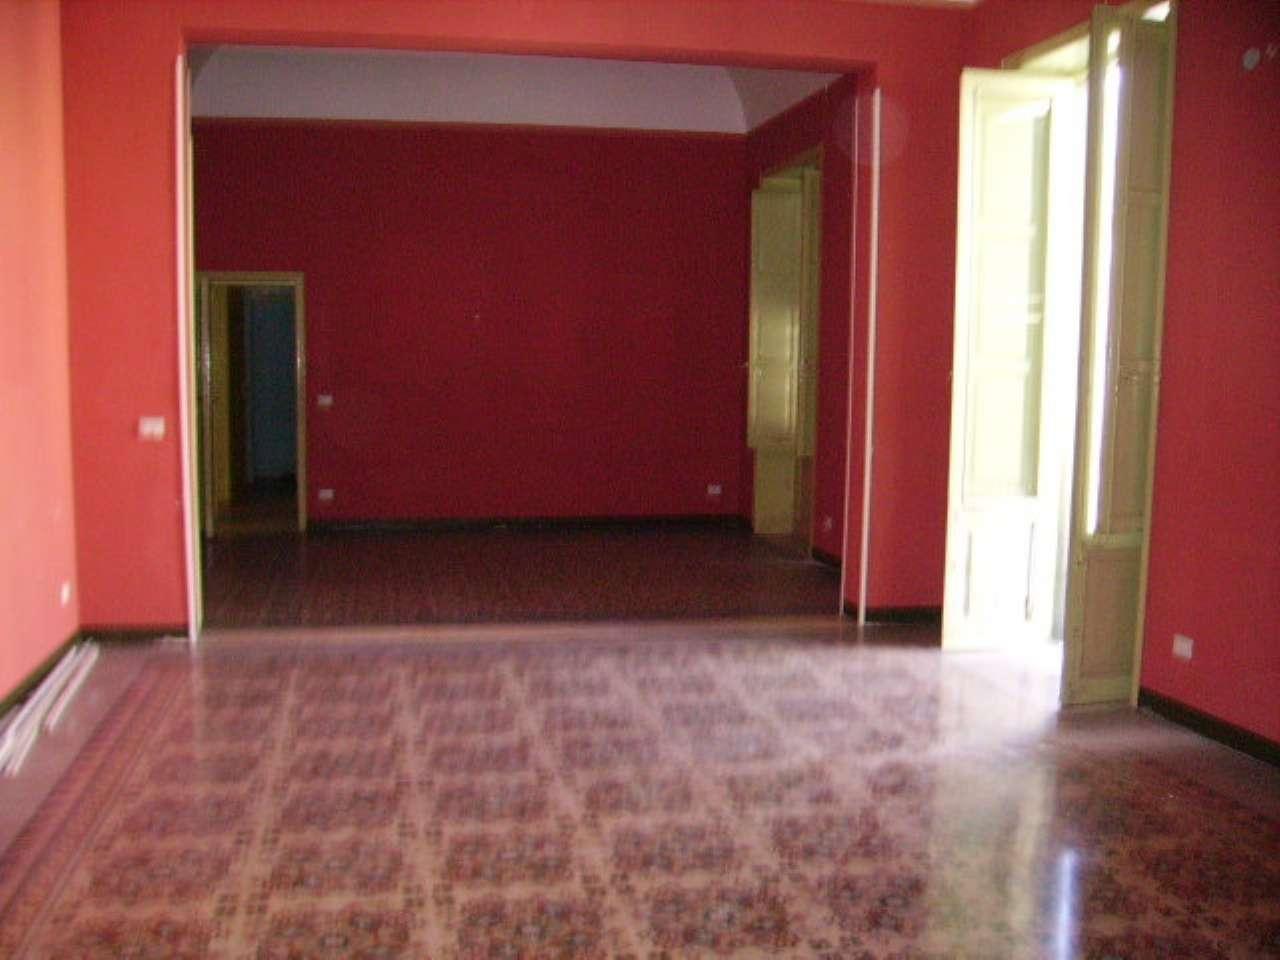 Ufficio / Studio in affitto a Trapani, 7 locali, prezzo € 700 | Cambio Casa.it